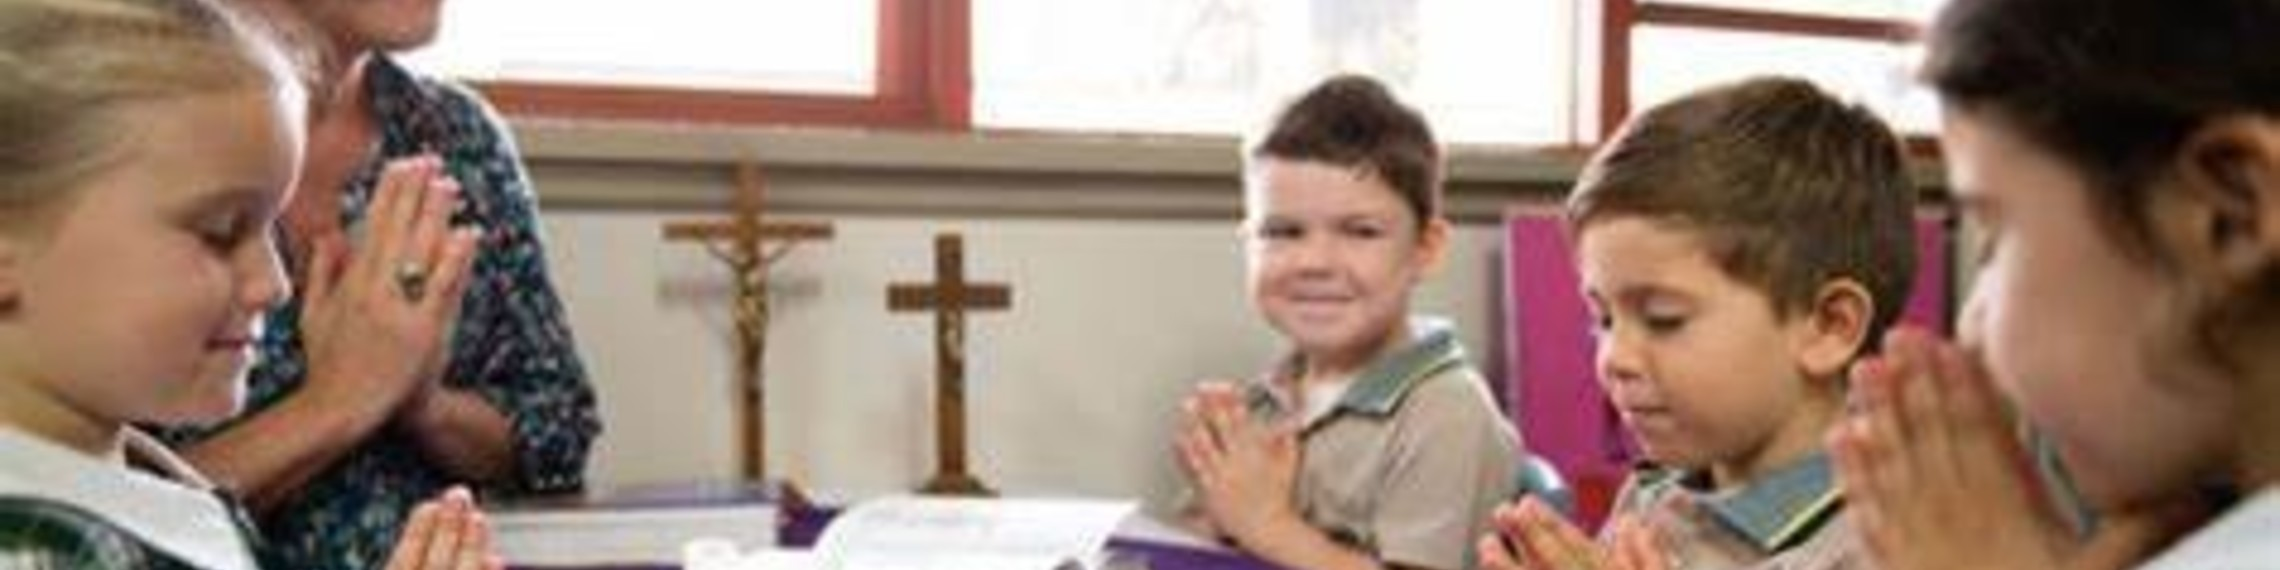 Religious Teaching